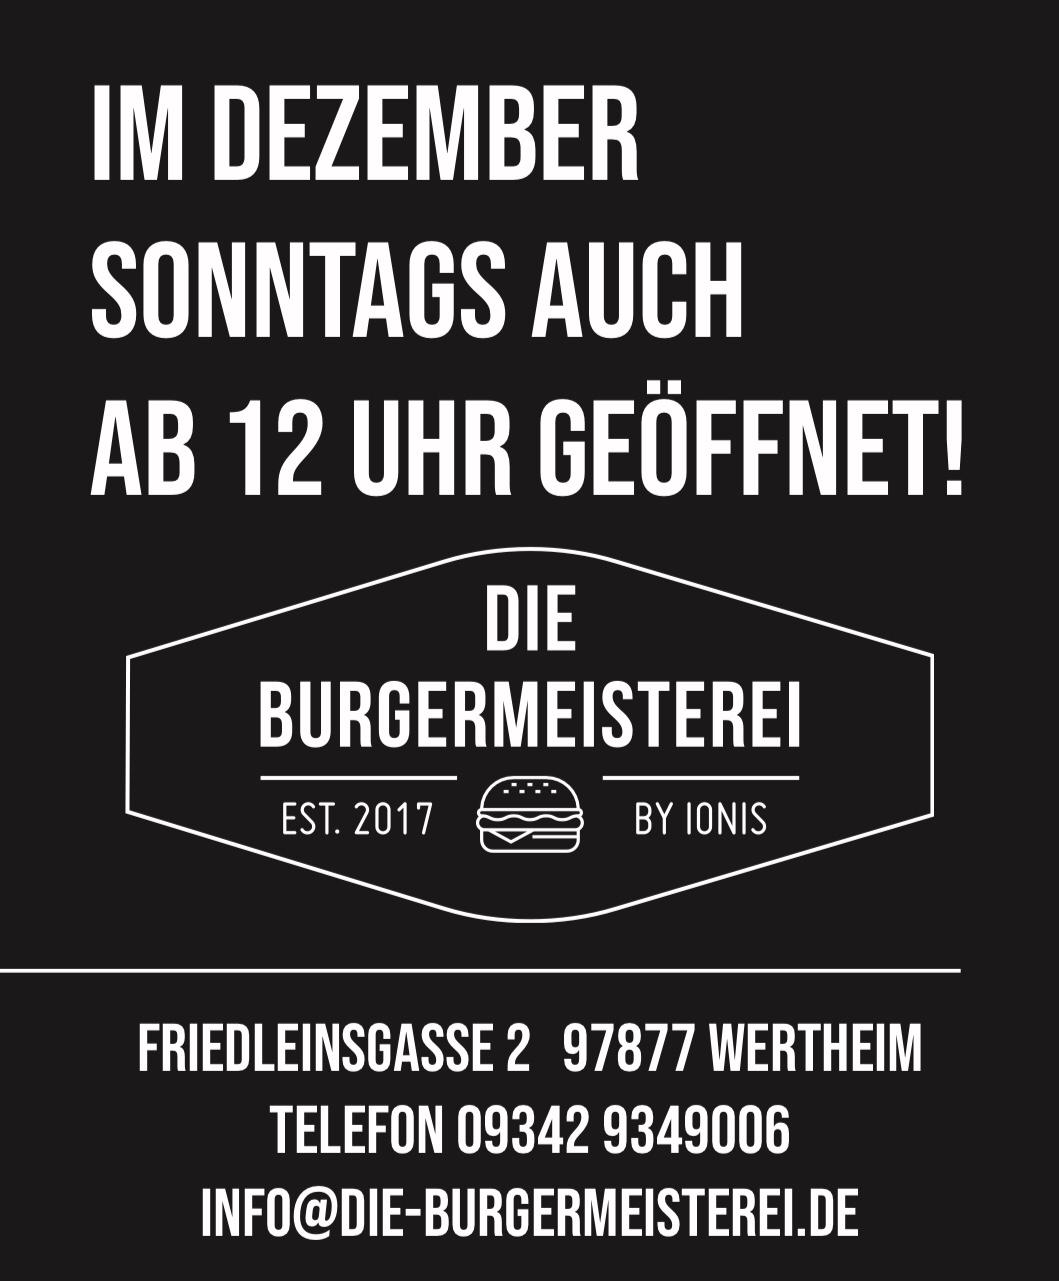 Bild zur Nachricht von Die Burgermeisterei Wertheim